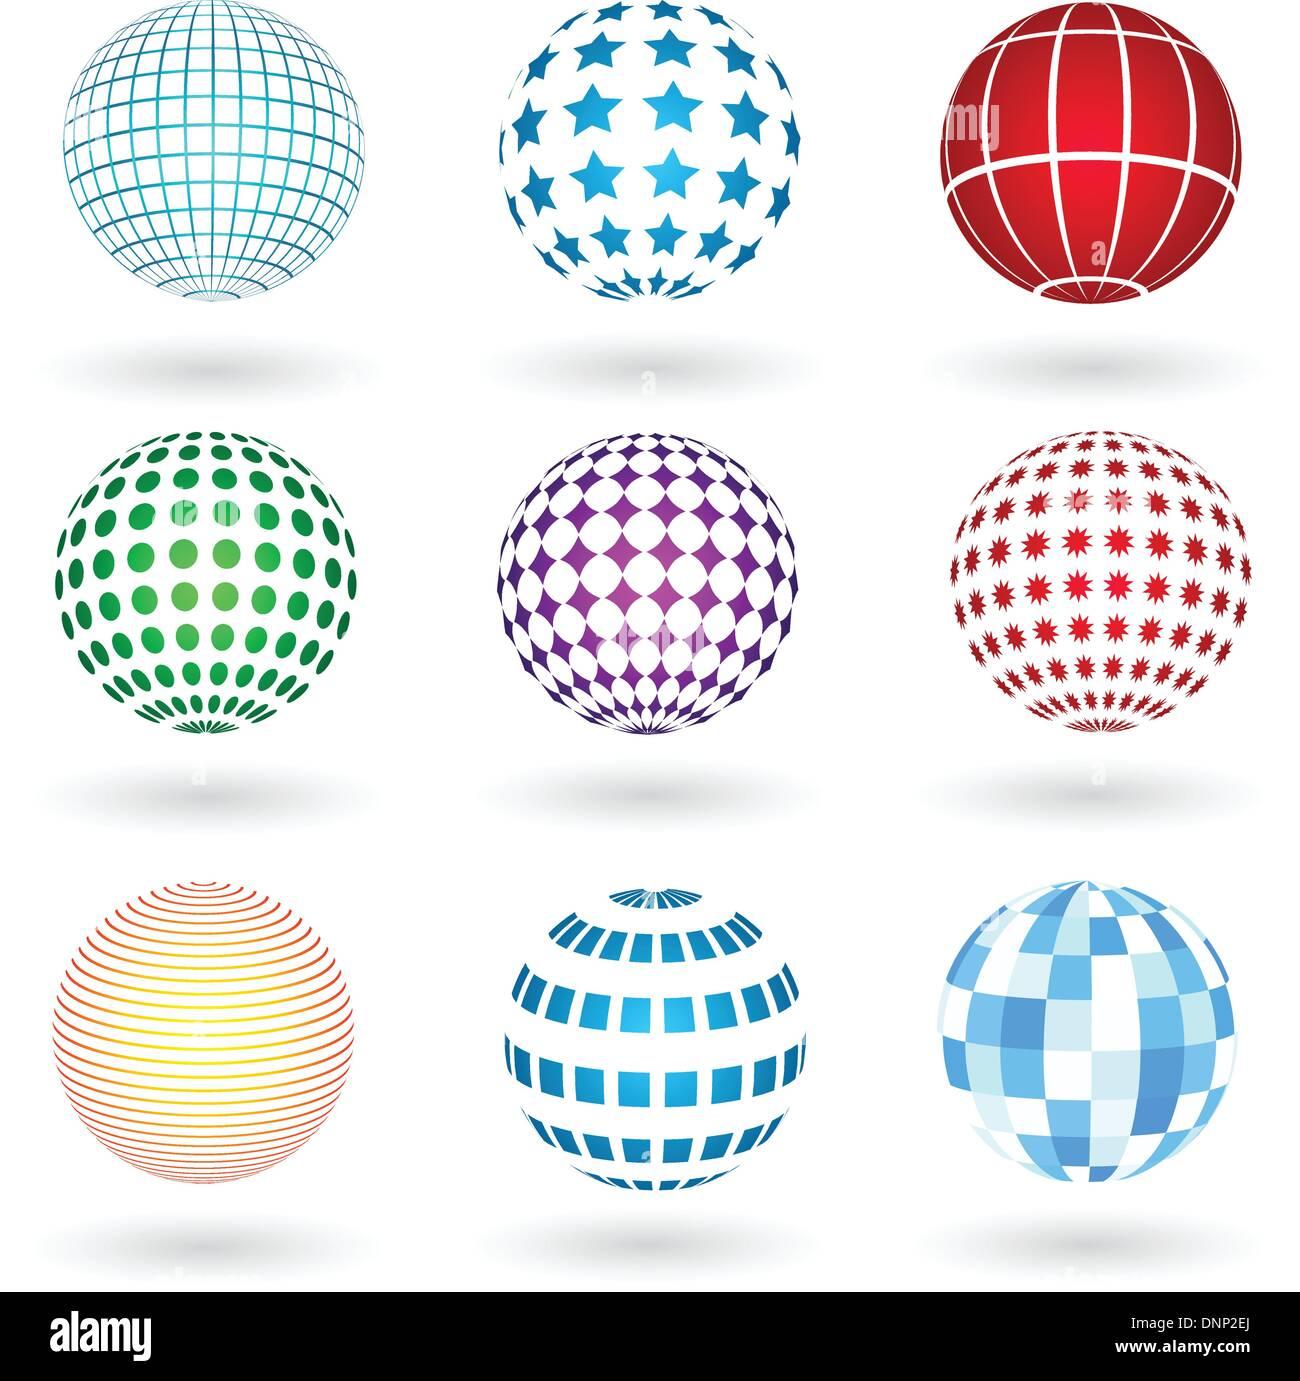 Sphères aux divers modèles Photo Stock